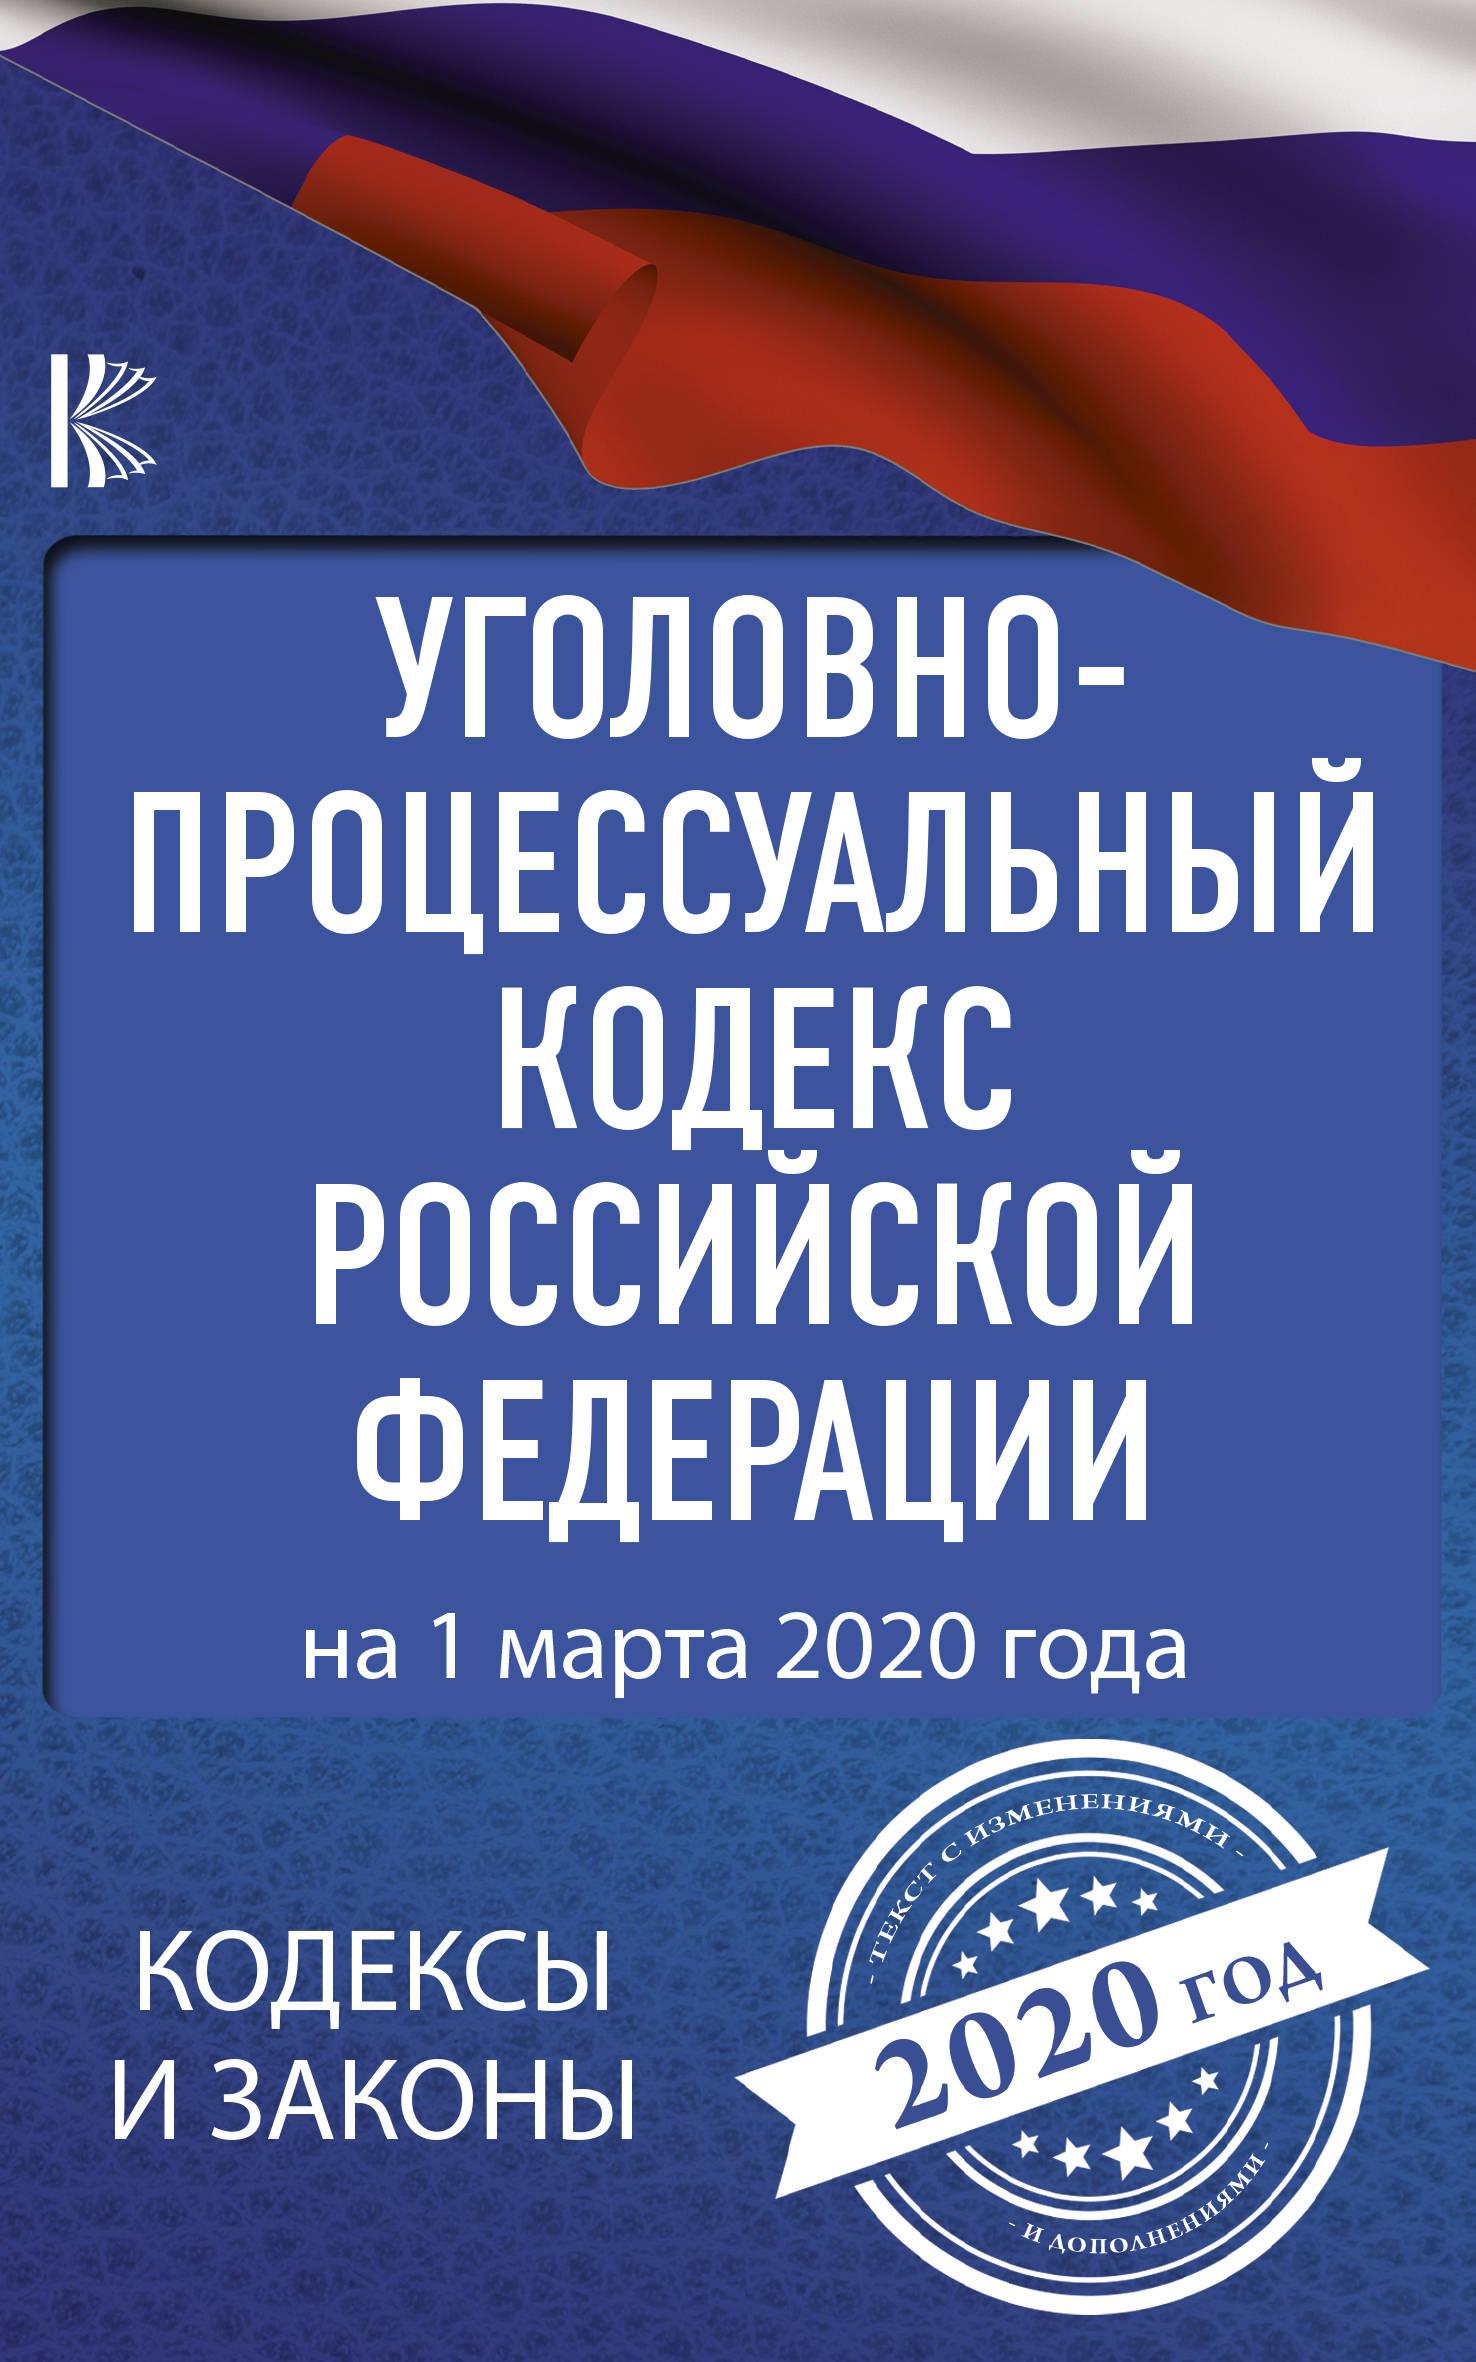 Уголовно-процессуальный кодекс Российской Федерации на 1 марта 2020 года